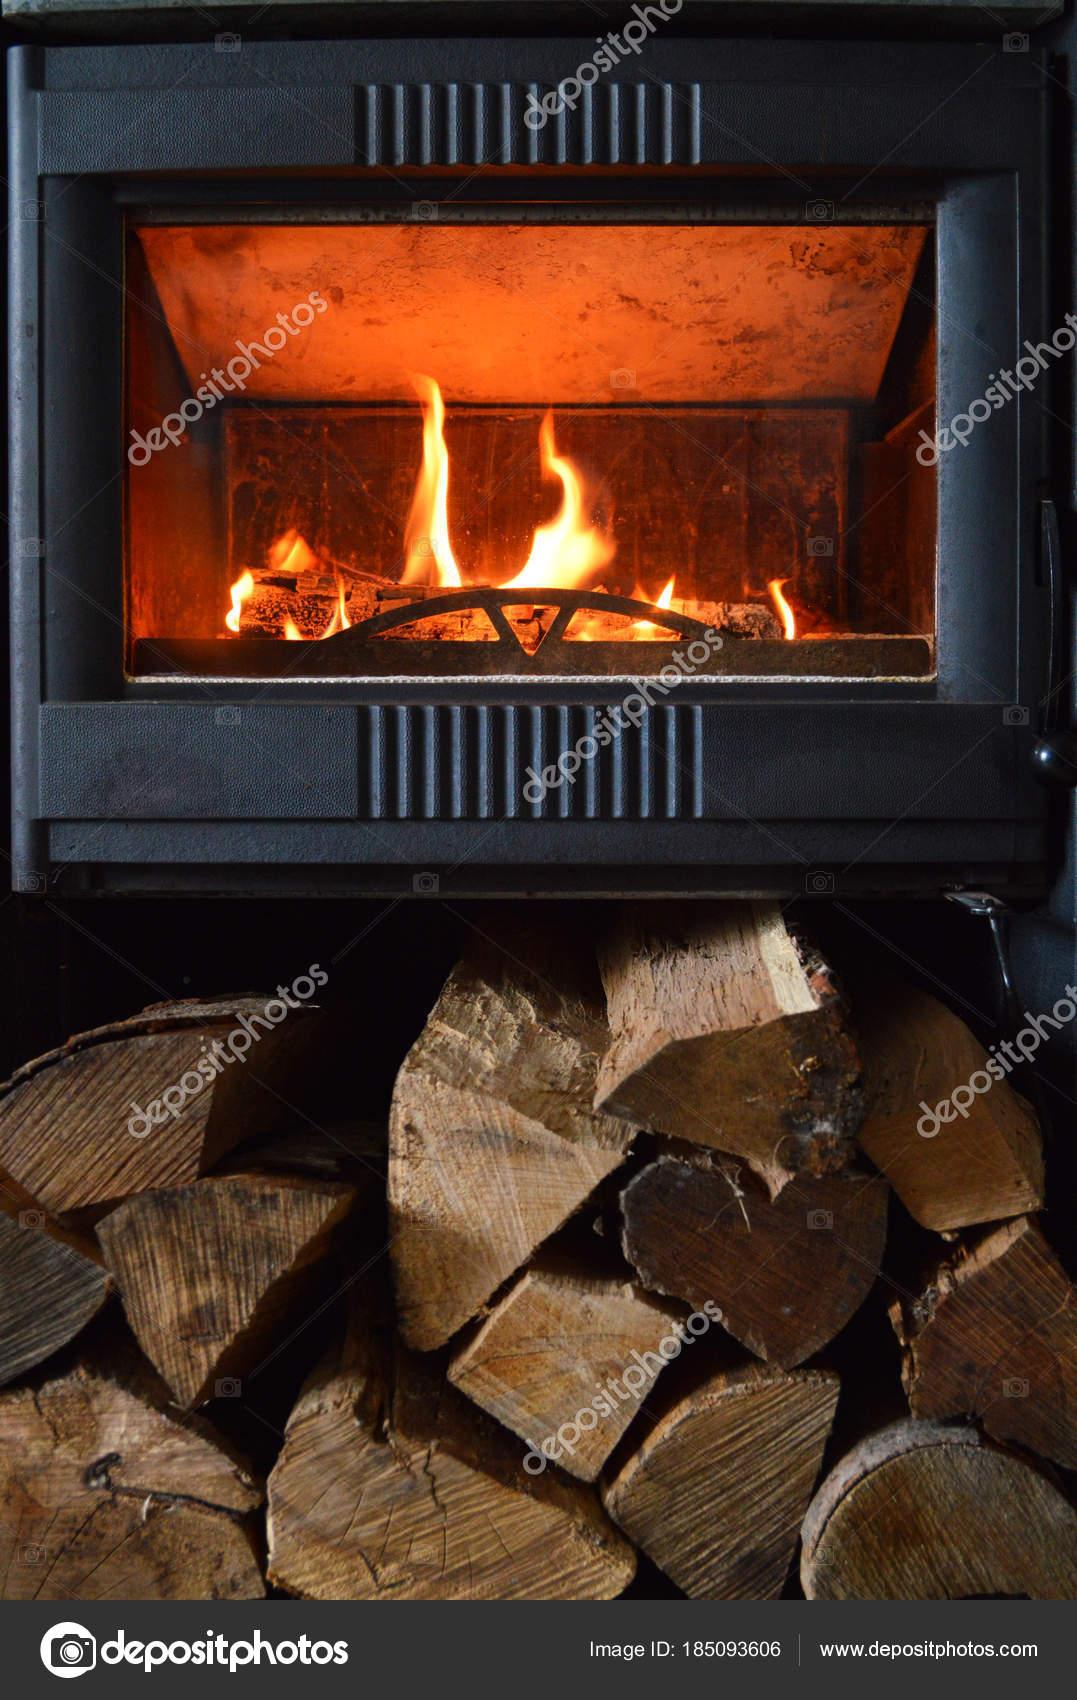 Ein Kamin Oder Holz Herd In Einem Wohnzimmer In Aktion, Für Die Heizung.  Mit Brennholz U2014 Foto Von Jpr03